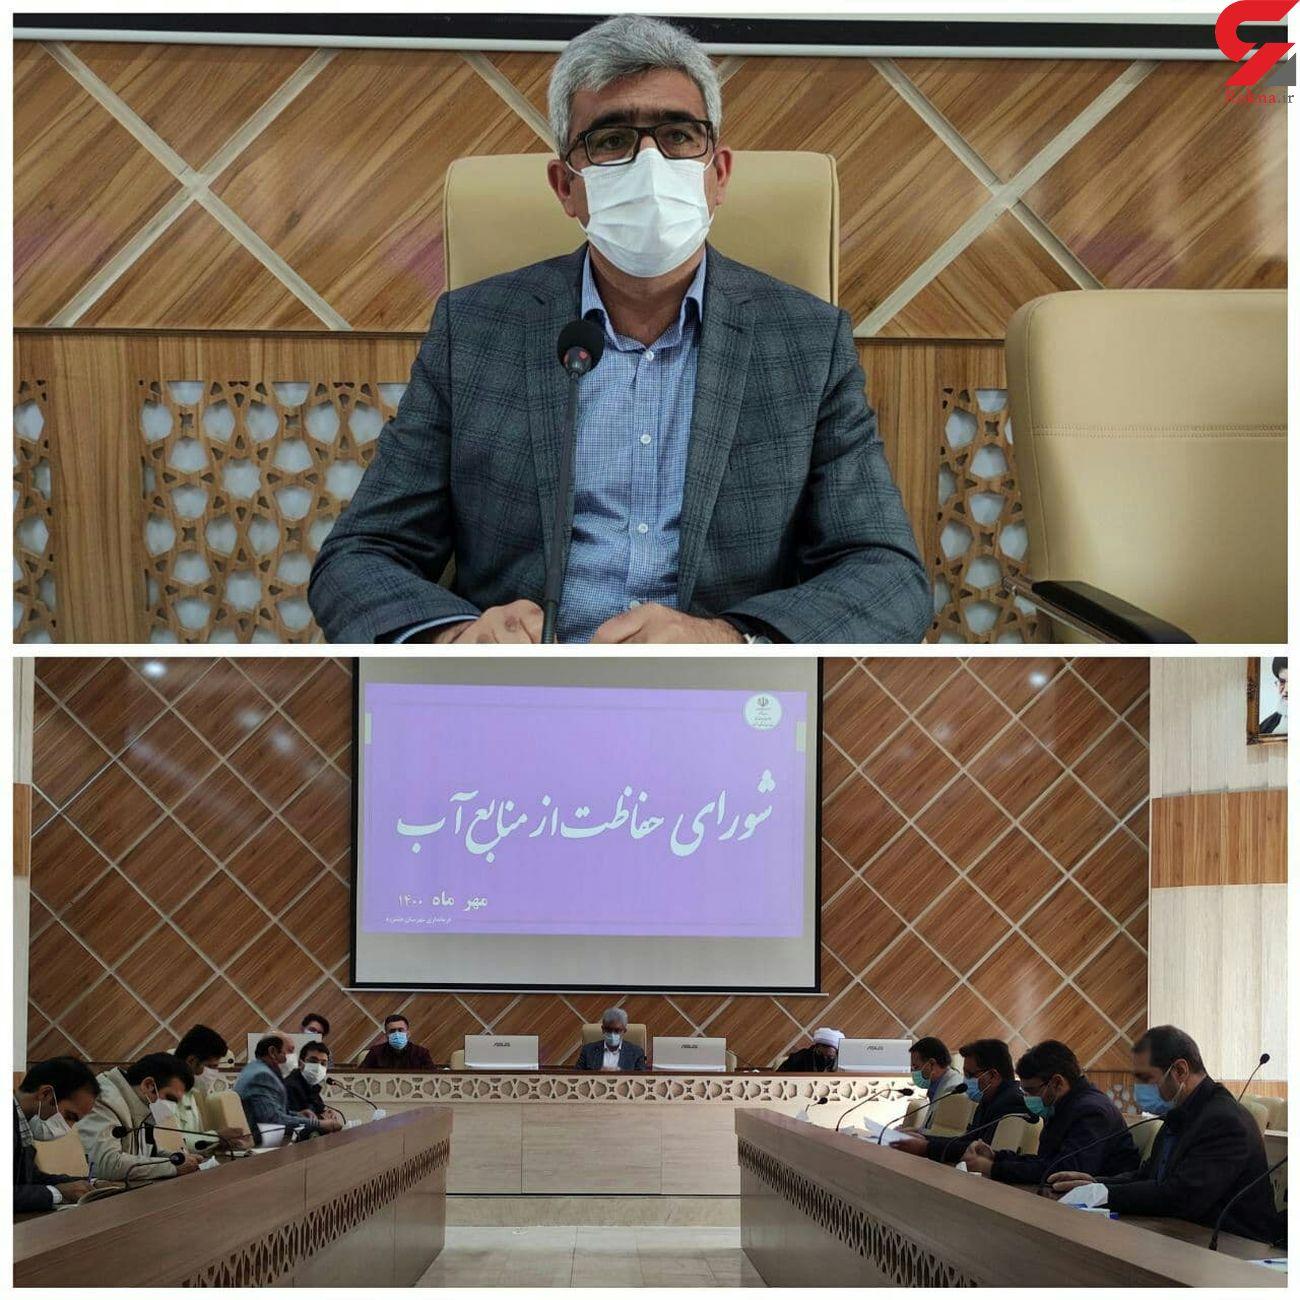 جلسه شورای حفاظت ازمنابع آب به ریاست فرماندار هشترود برگزار شد